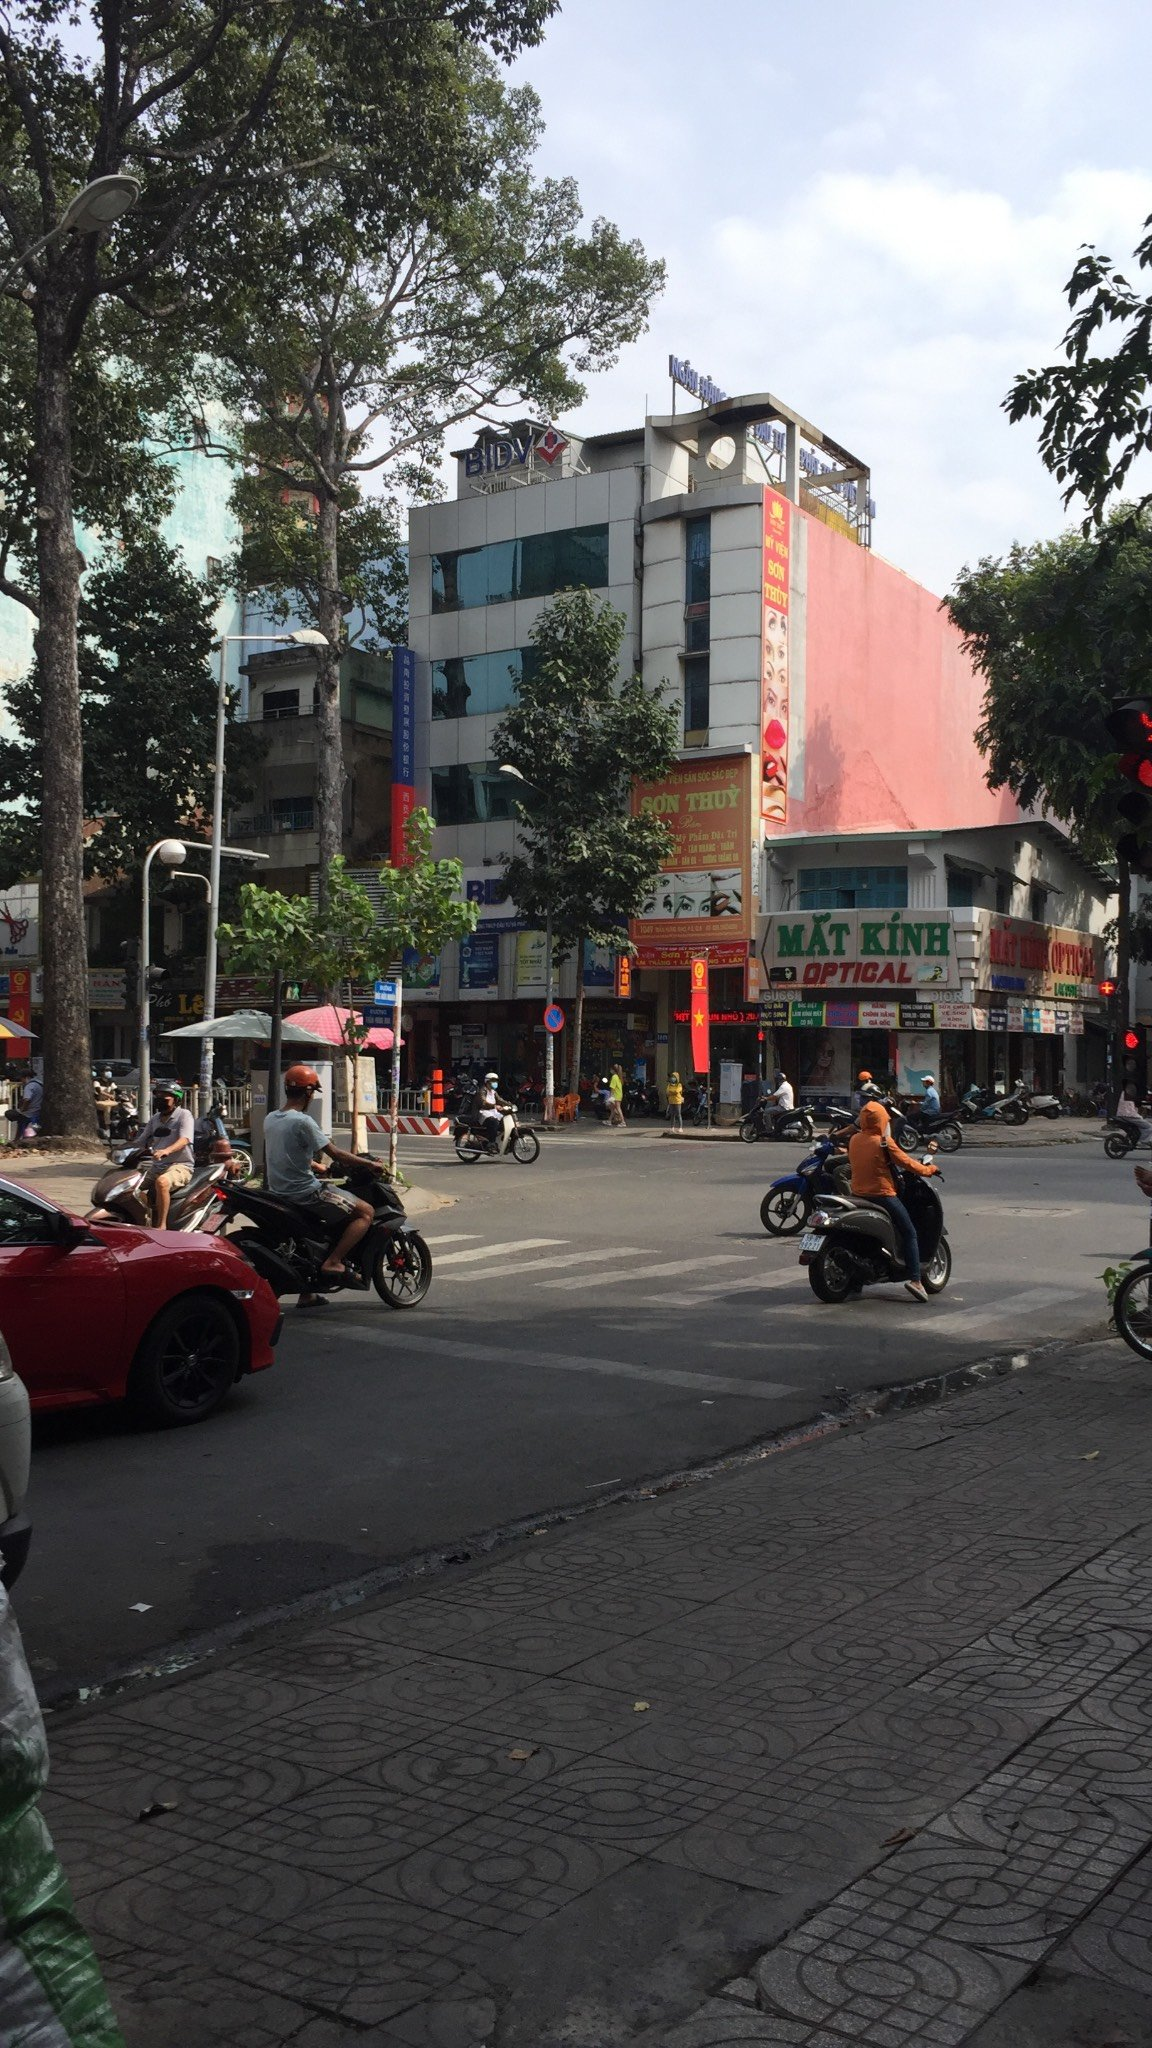 Bán nhà 74-76 Bùi Hữu Nghĩa,Quận 5, 79×198m ,3 Lầu,hđ thuê 150 tr/th,giá 55 tỷ TL